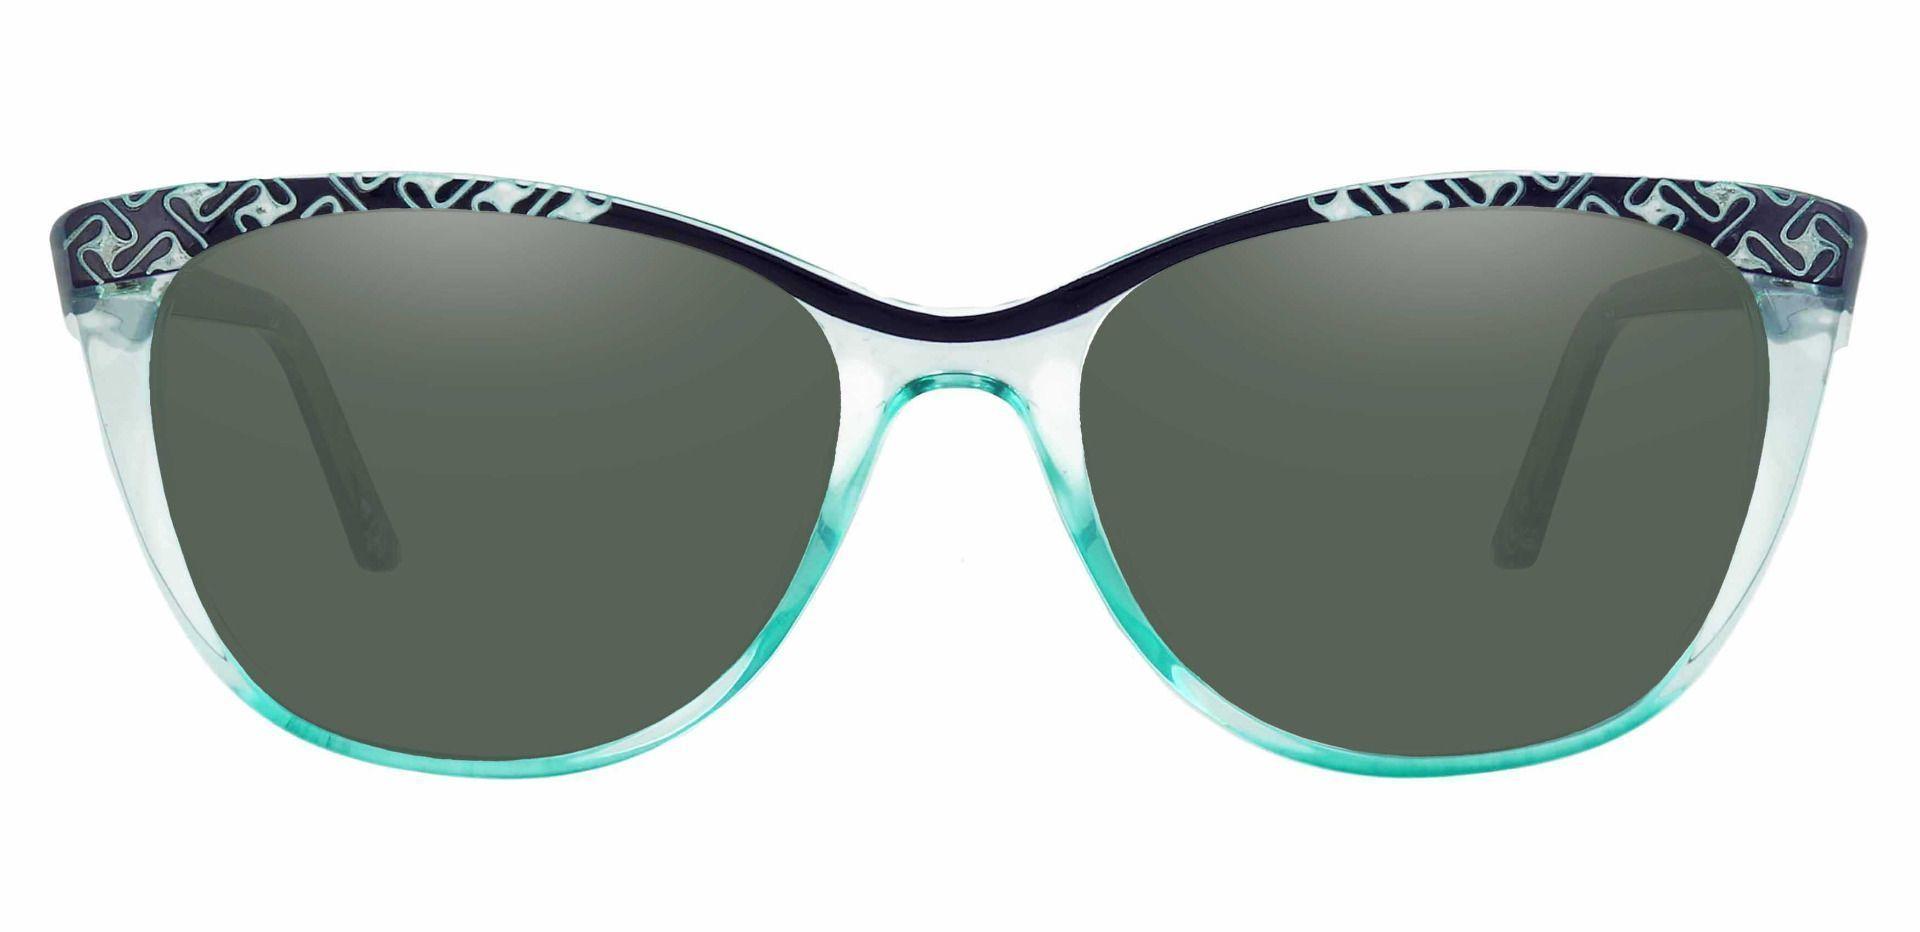 Alberta Cat Eye Prescription Sunglasses - Blue Frame With Green Lenses